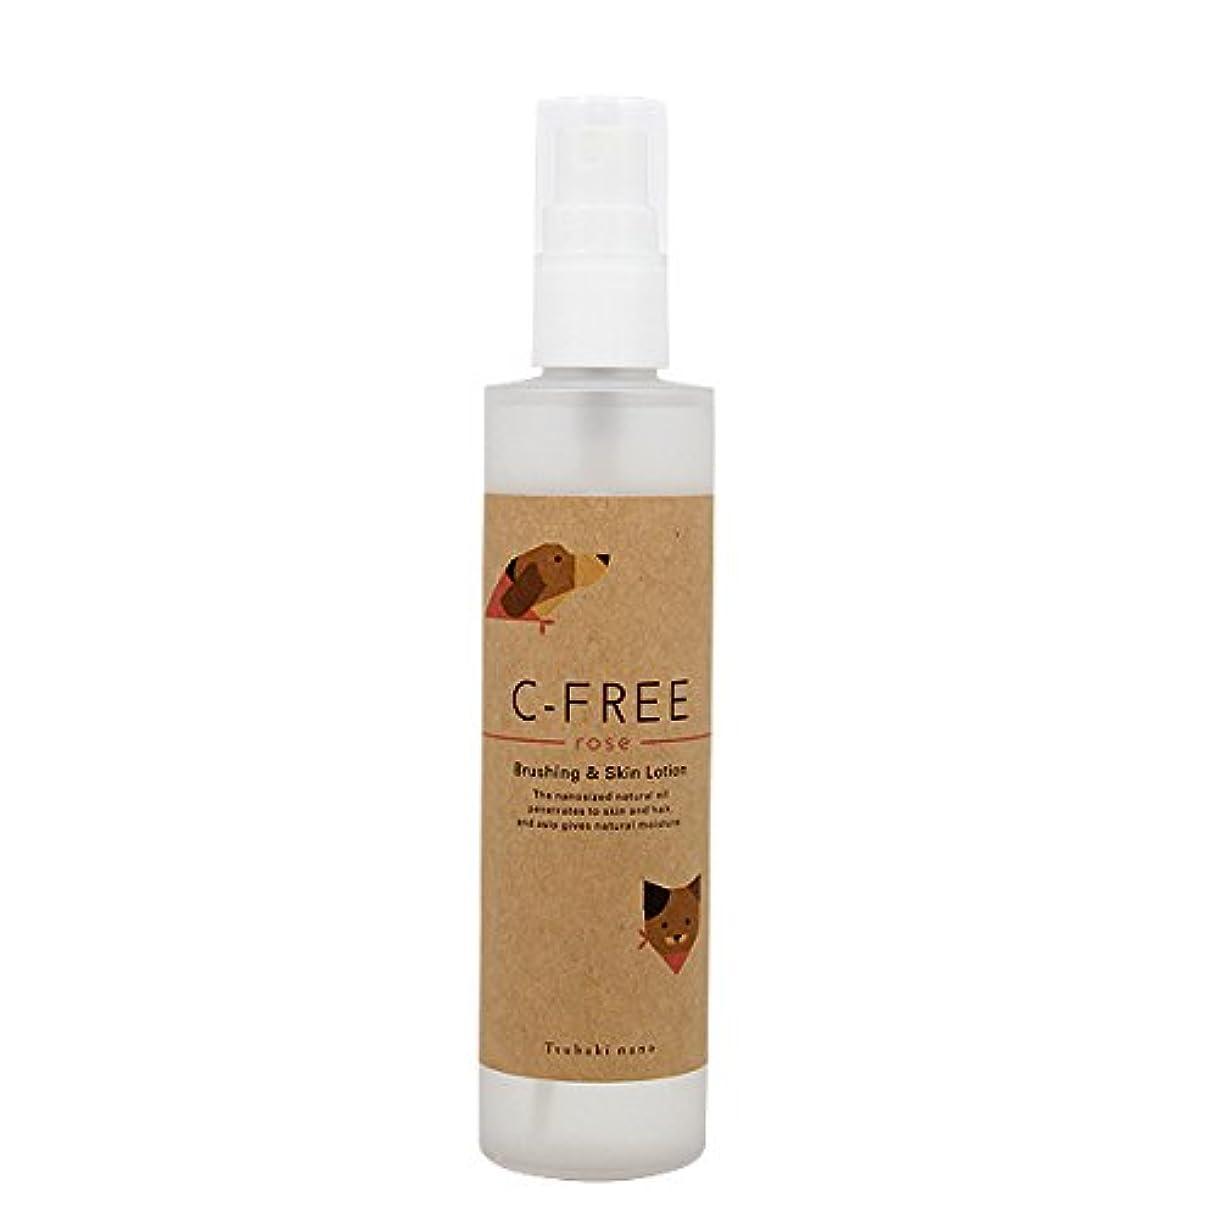 せせらぎひねくれたパレード椿なの シーフリーロゼ(天然ローズの香り)ブラッシング&スキンローション 150ml